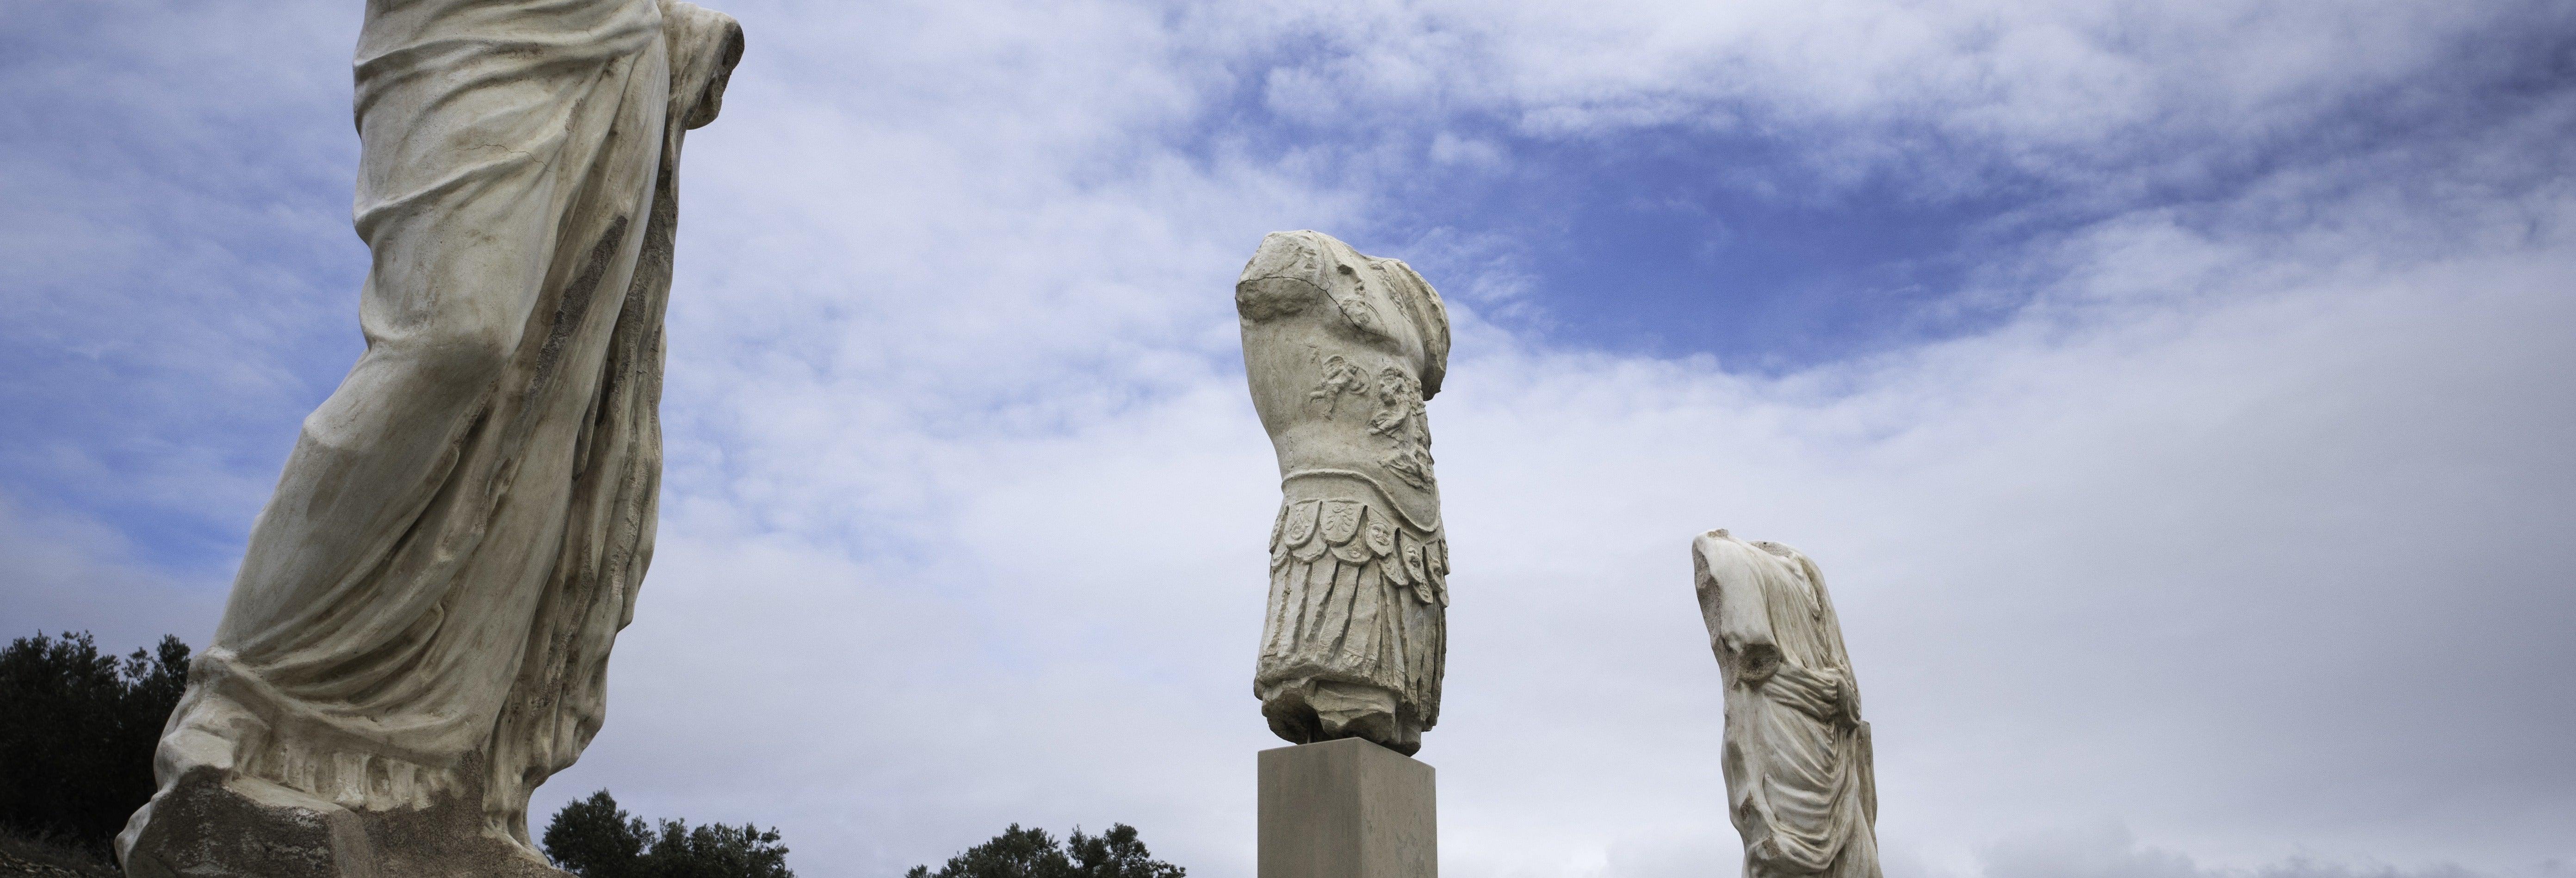 Visita guiada pelo sítio arqueológico de Torreparedones